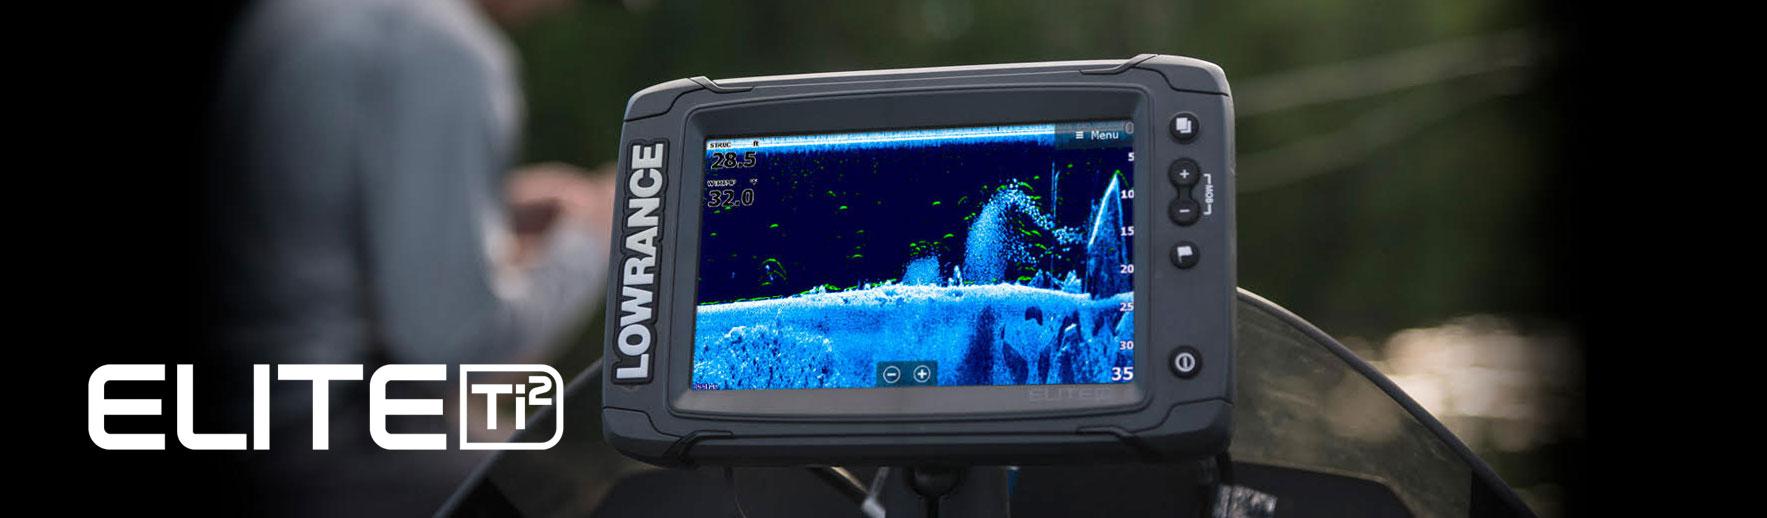 Серія ехолотів Elite Ti2 c Active Imaging у продажу у фірмовому магазині лоуренс